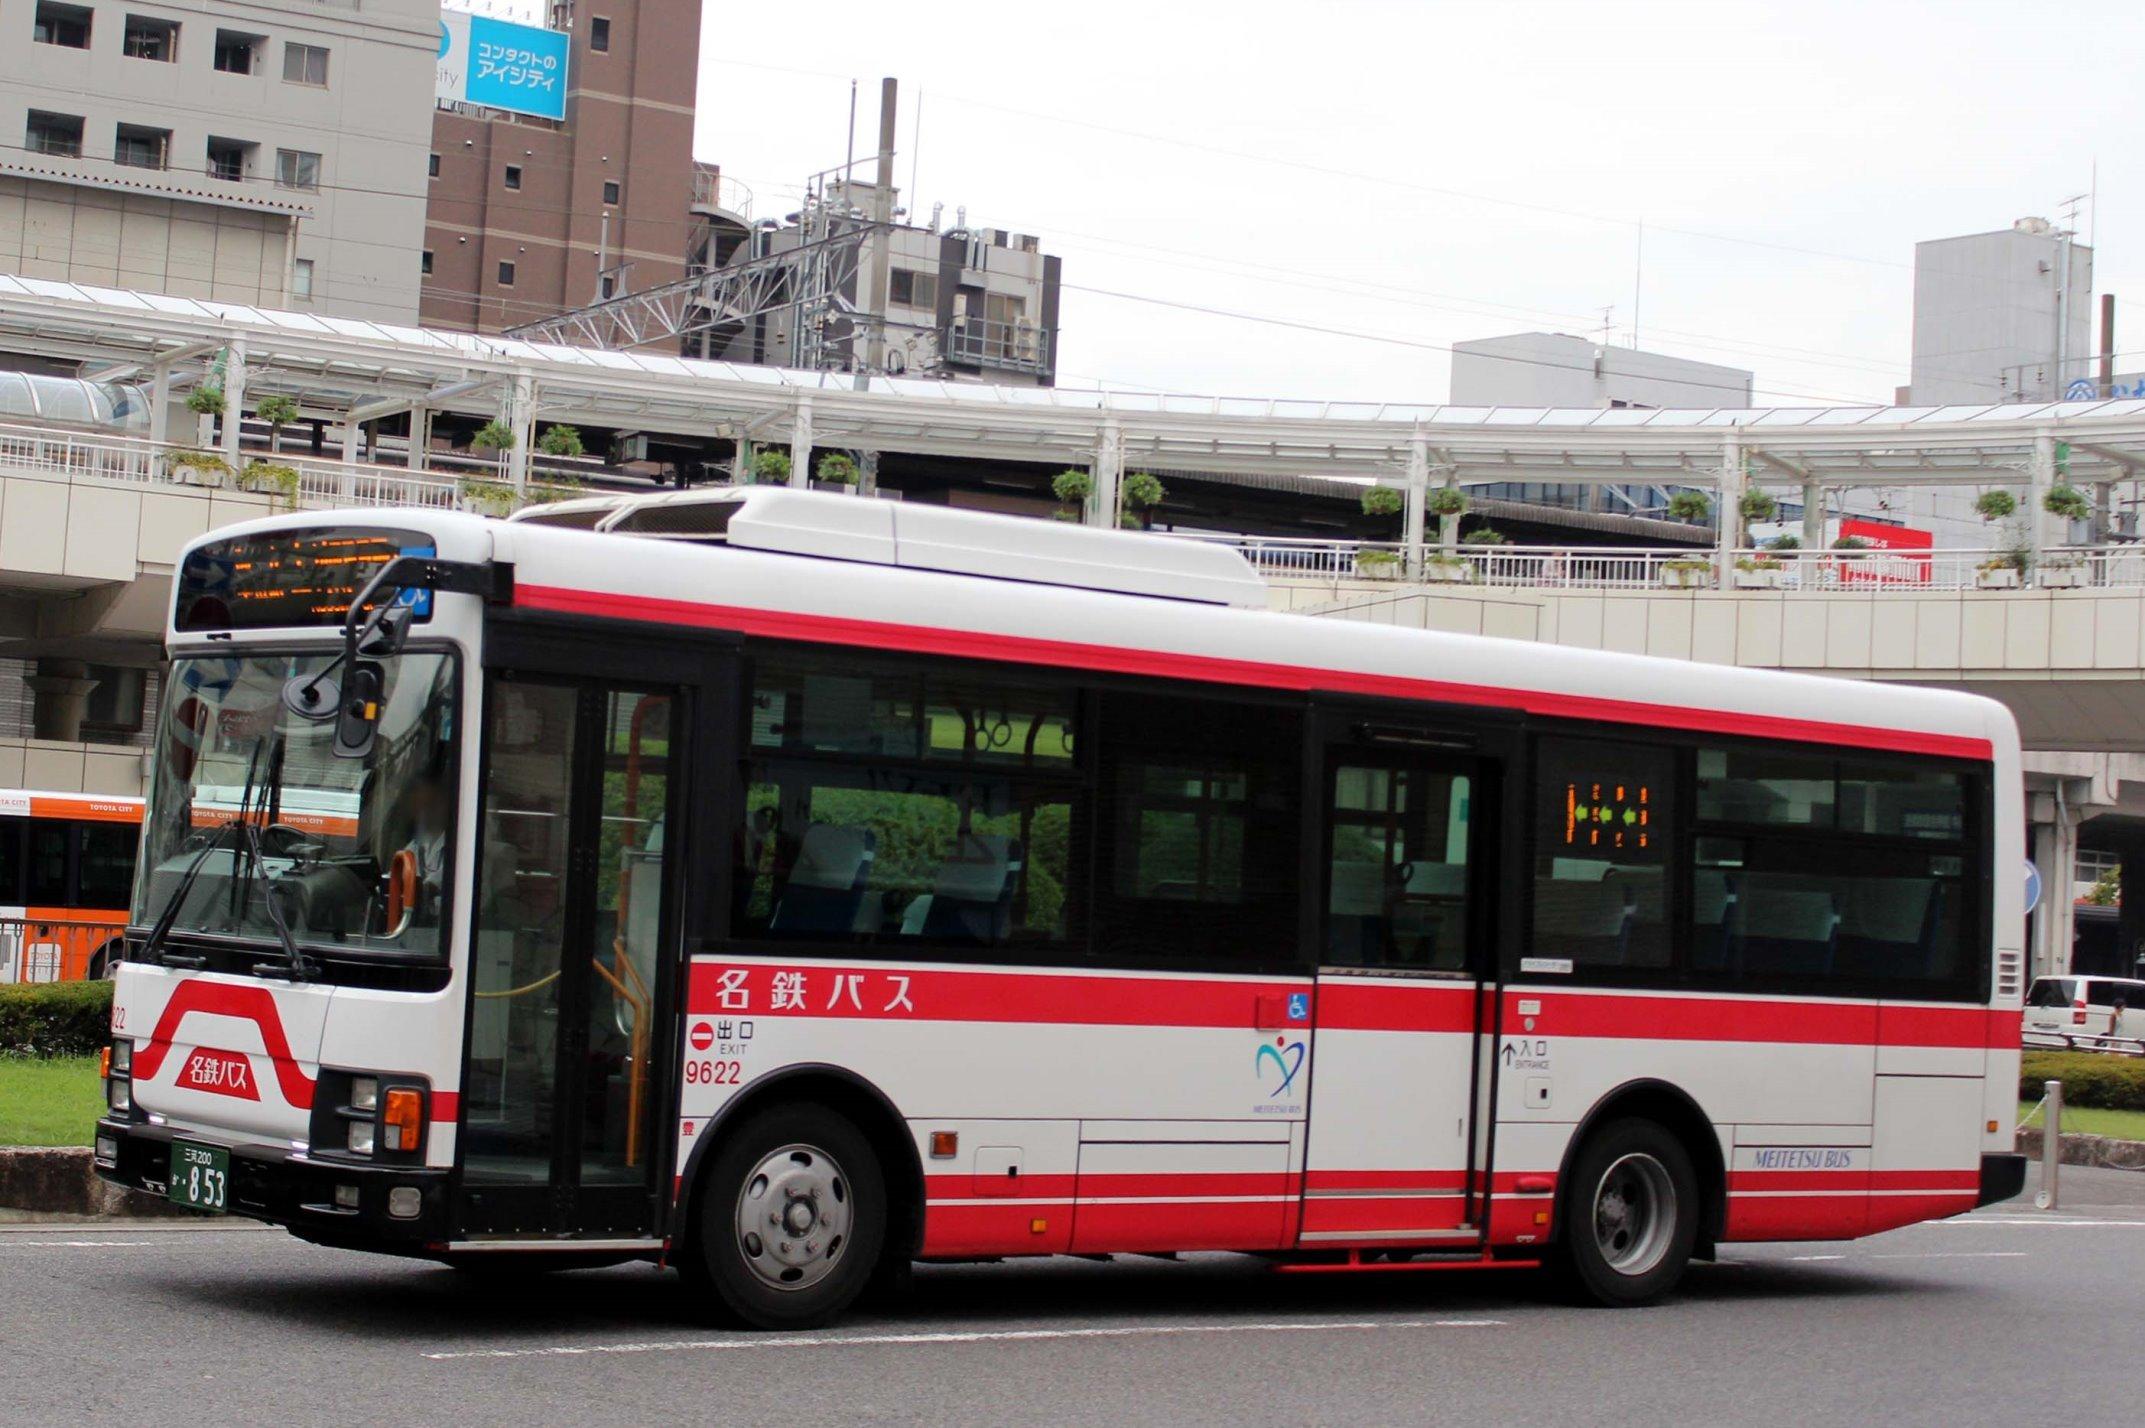 名鉄バス 9622